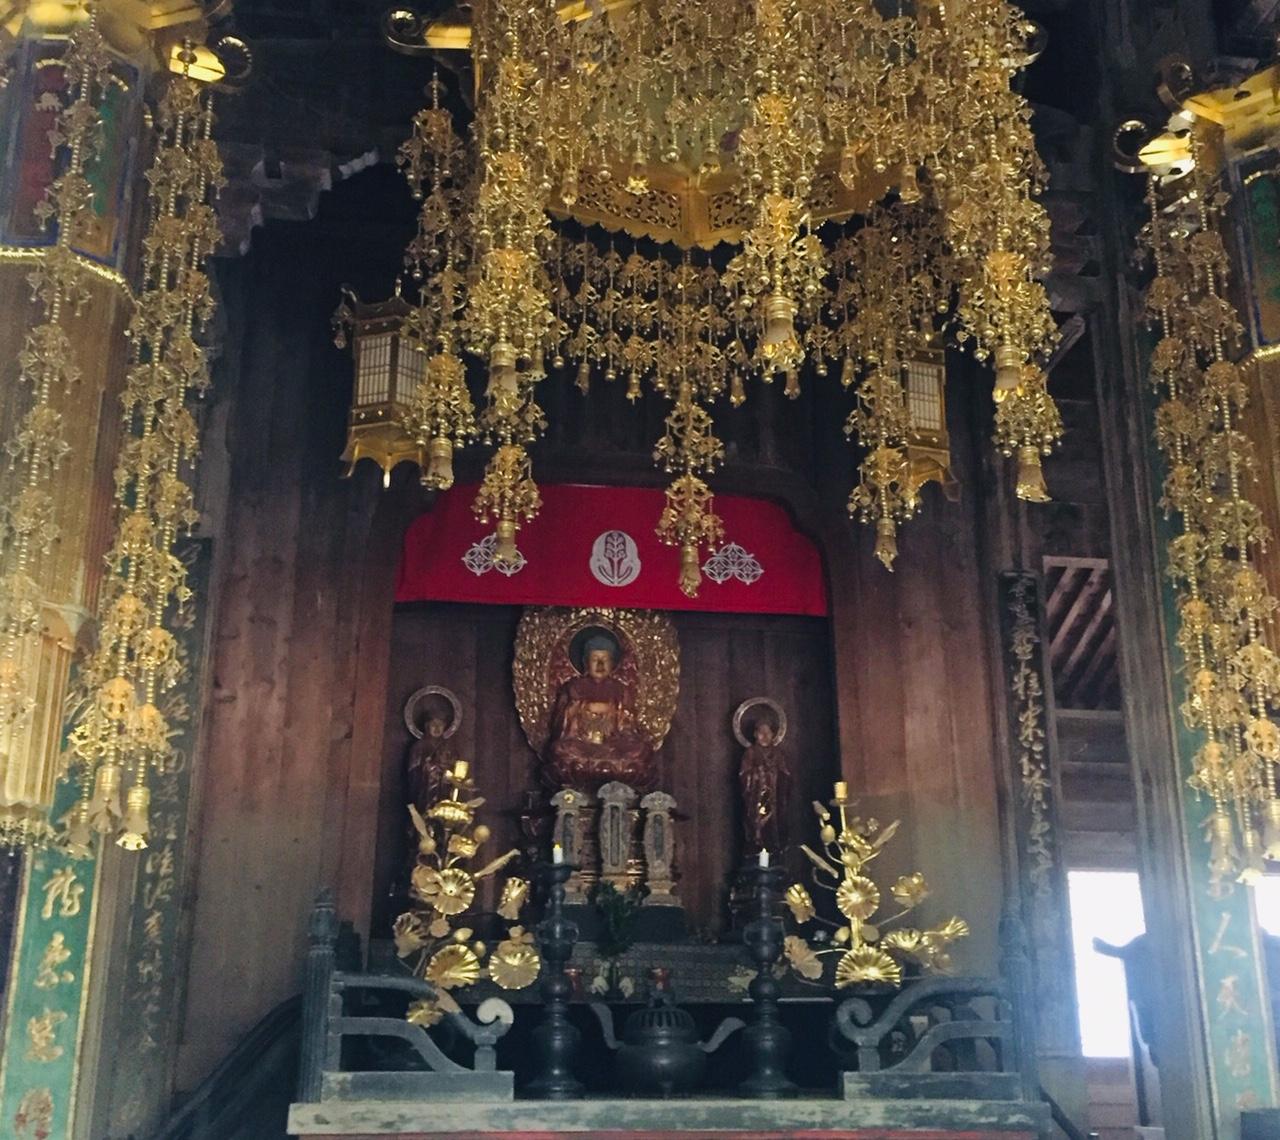 Toko-ji temple interior